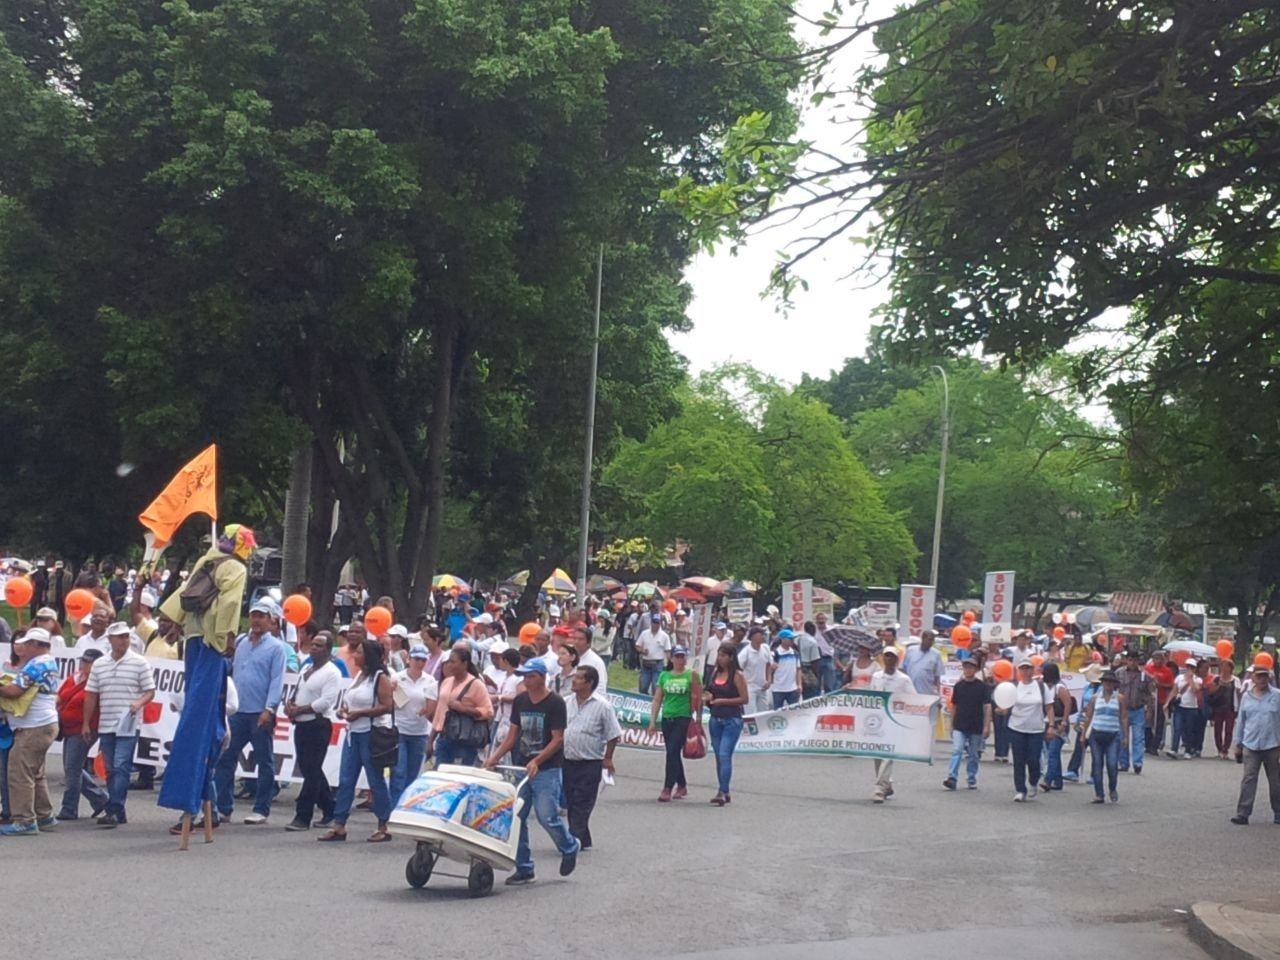 Dos marchas complicaron la movilidad en algunos sectores de Cali